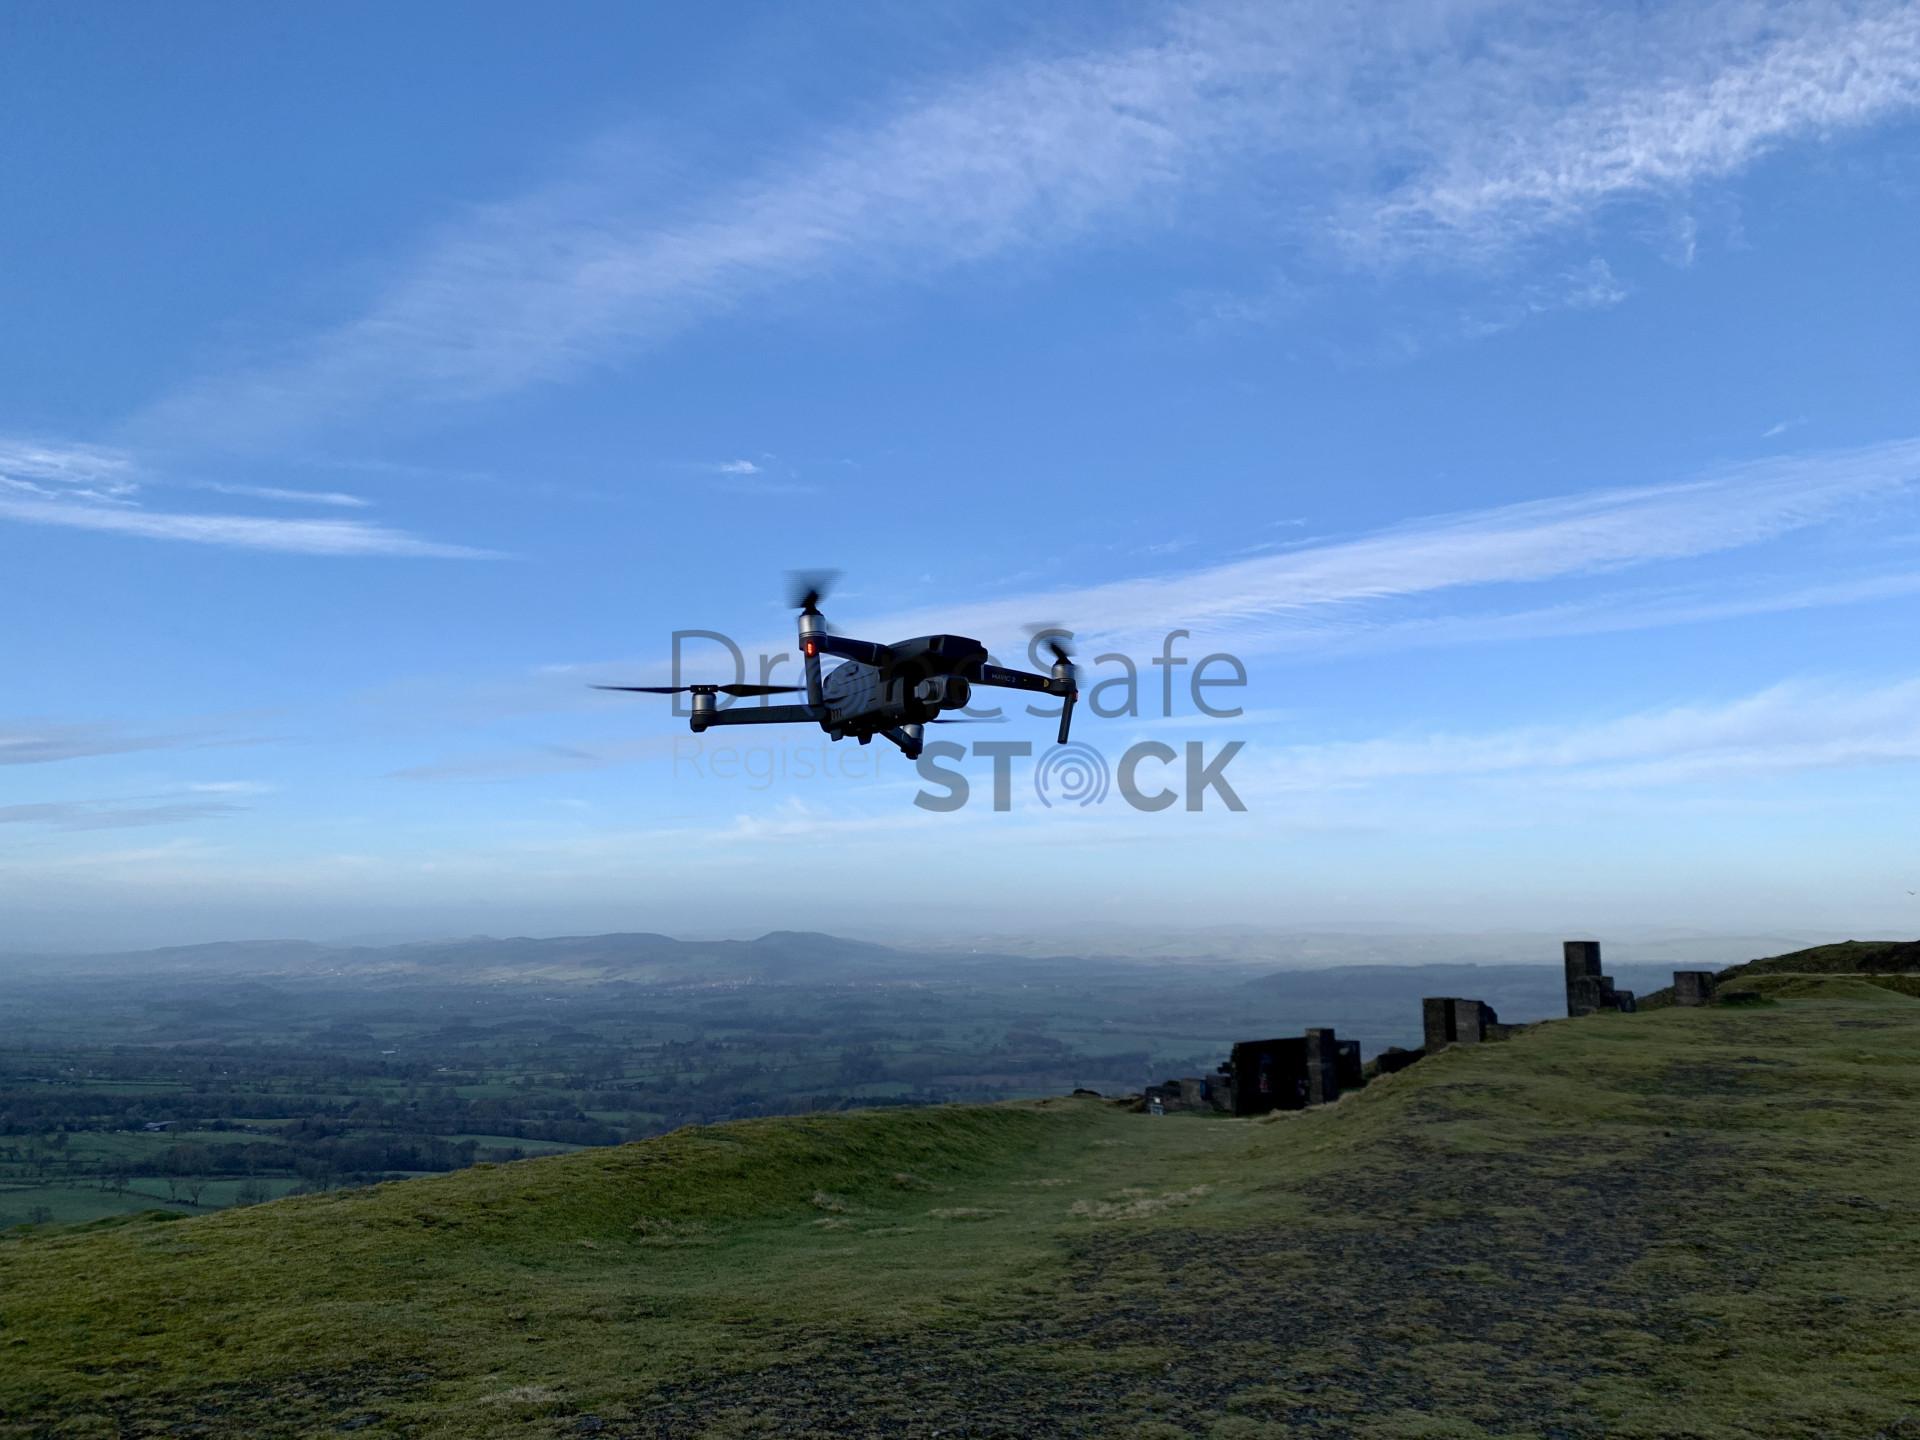 Canopy UAV